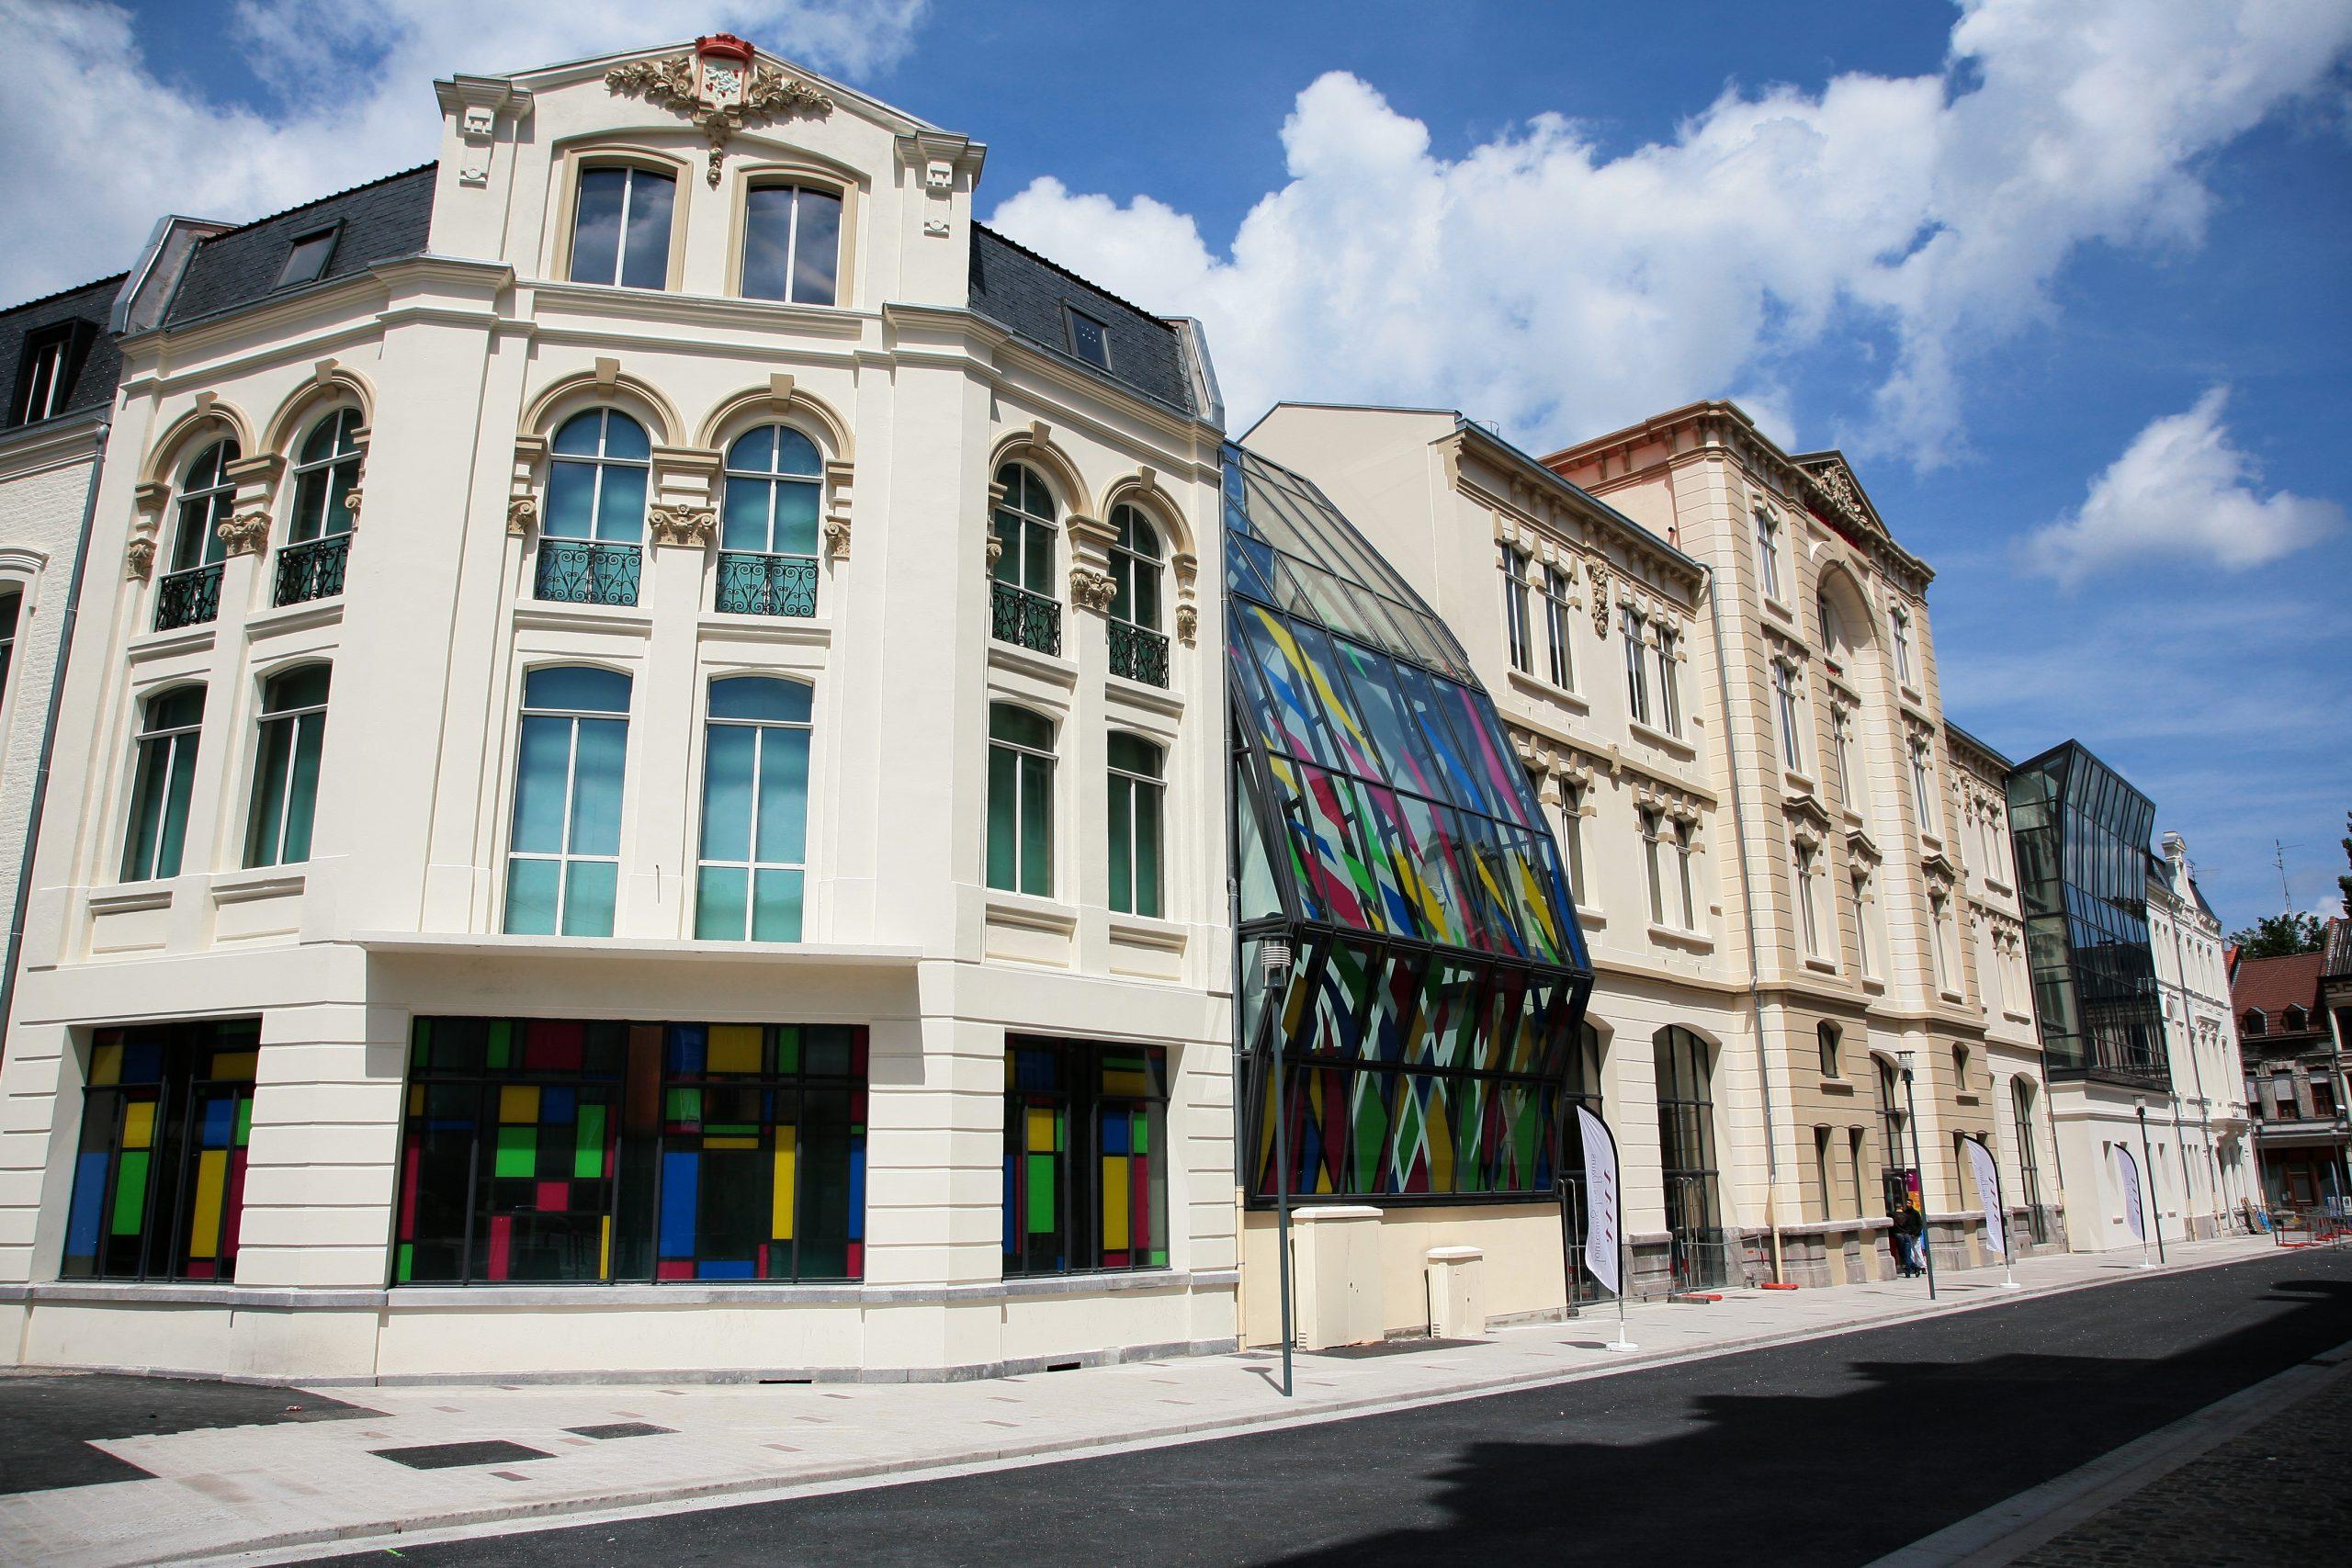 Spie Batignolles – 5E Anniversaire De Tourcoing Les Bains ... encequiconcerne Piscine Tourcoing Les Bains